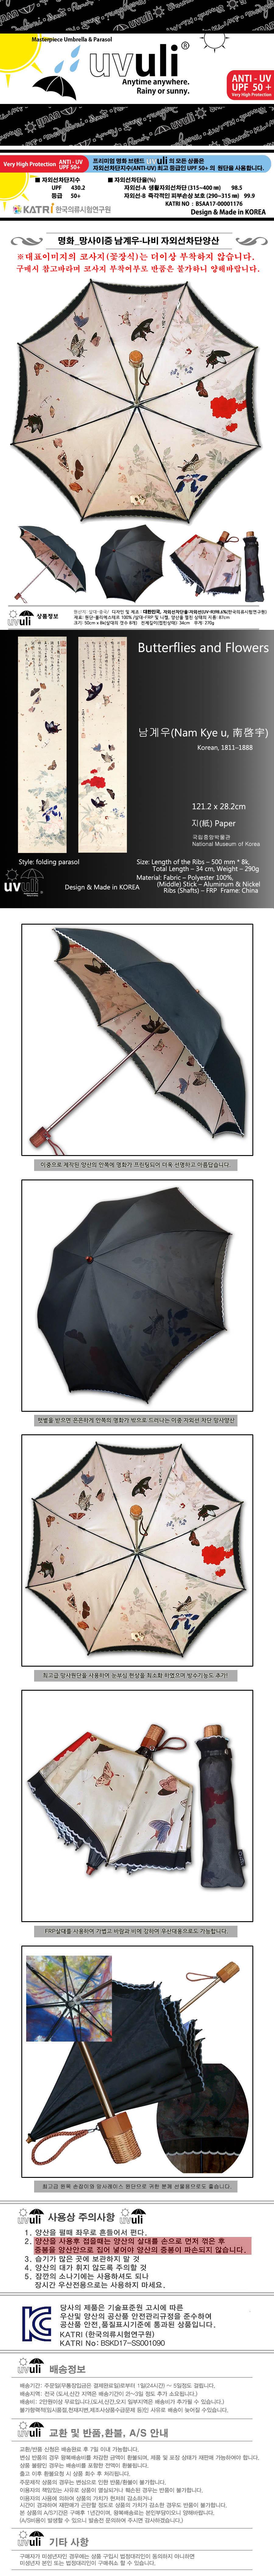 명화_UVULI 망사이중 남계우-나비 자외선차단양산 - 헬로우래인캣, 69,300원, 양산, 양산